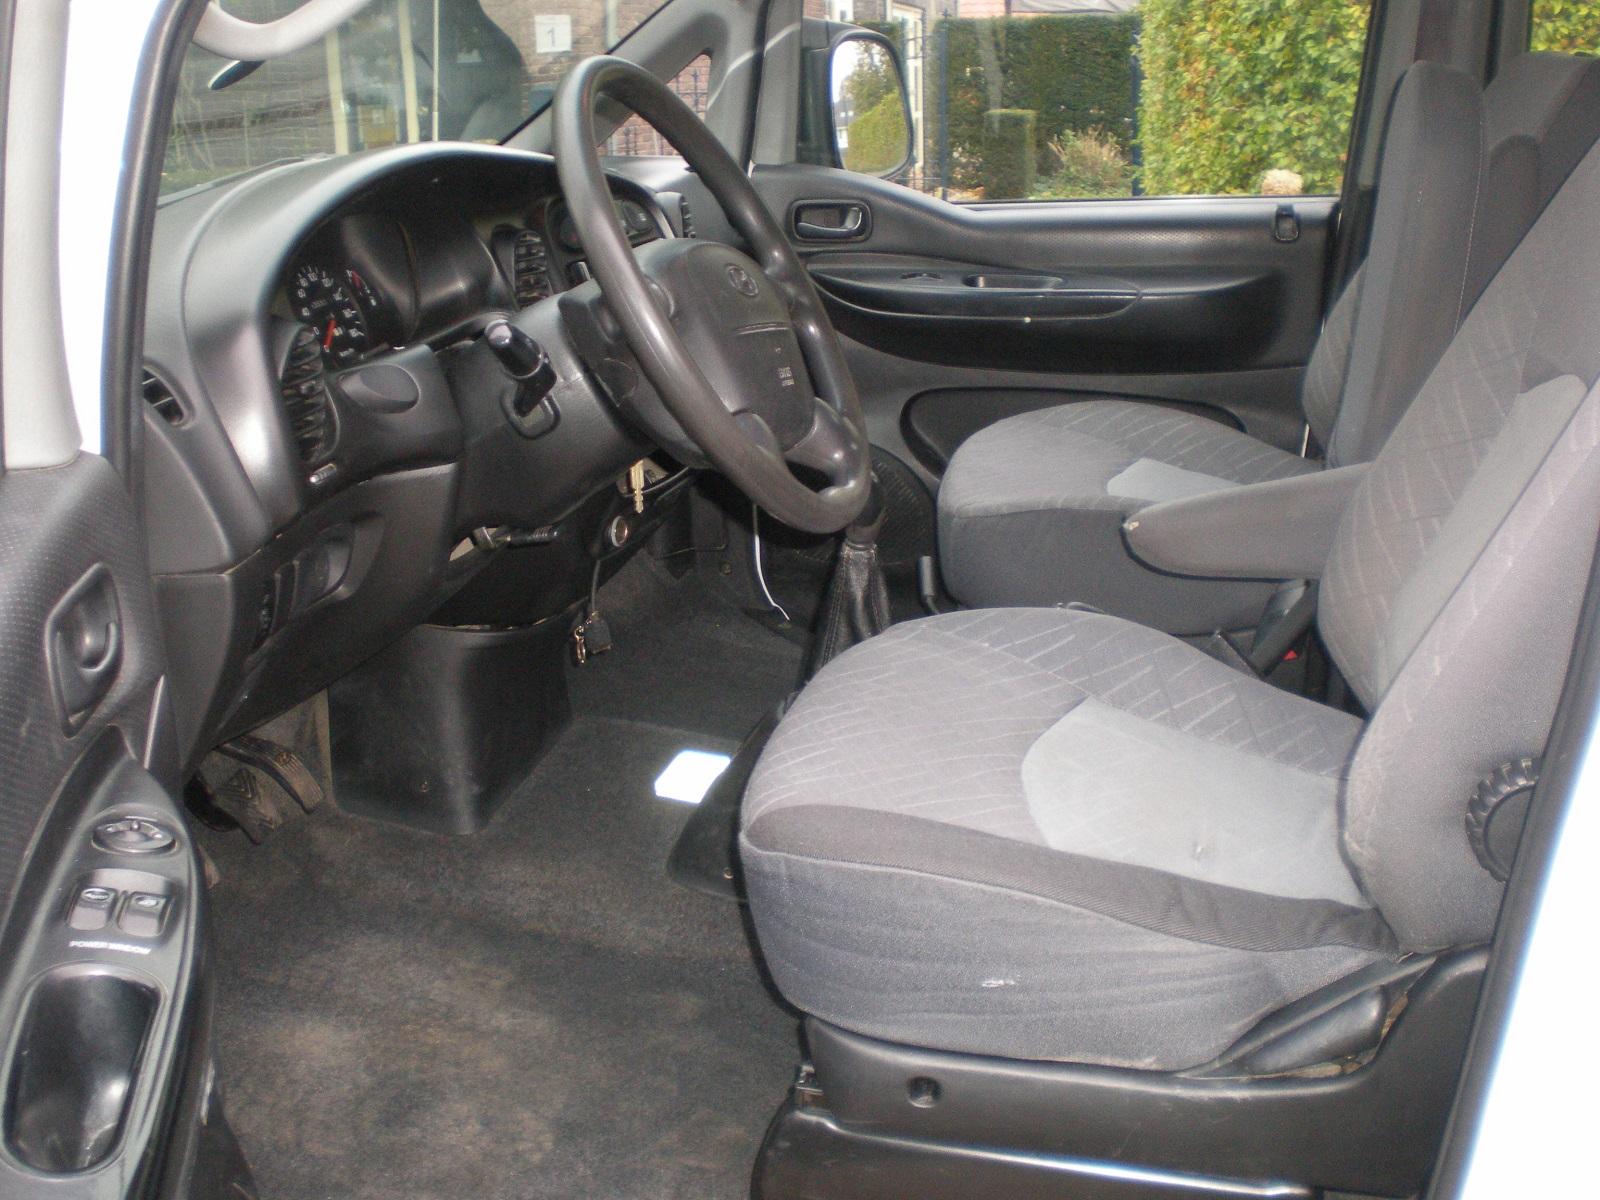 Hyundai H200 2.5 CRDI DC van 2005 met APK